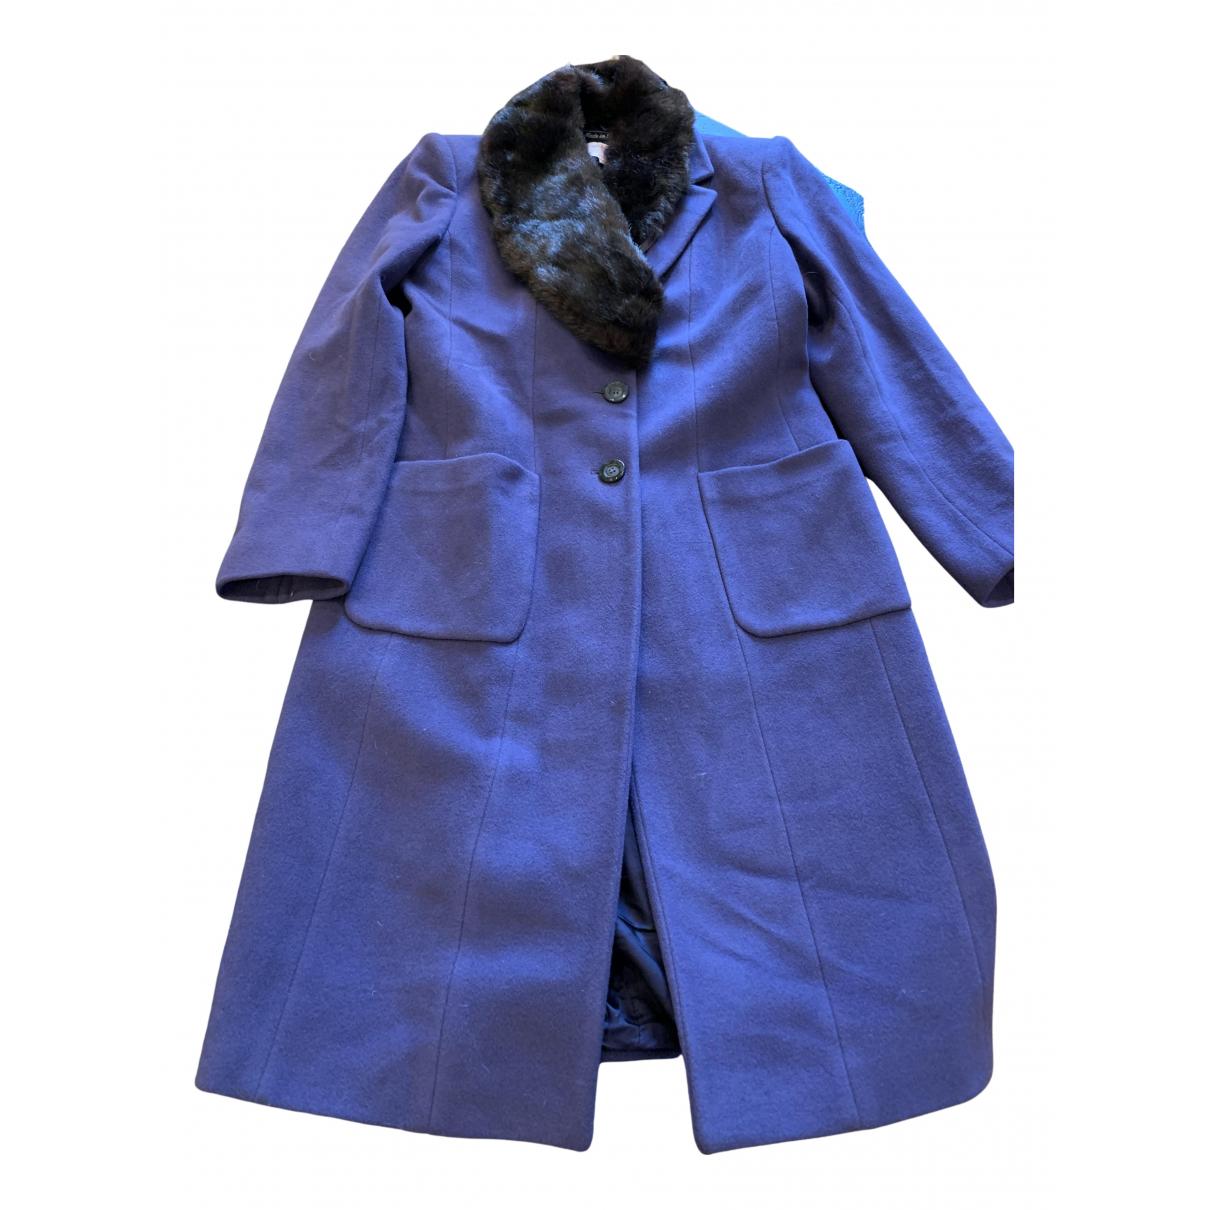 Emanuel Ungaro - Manteau   pour femme en laine - violet